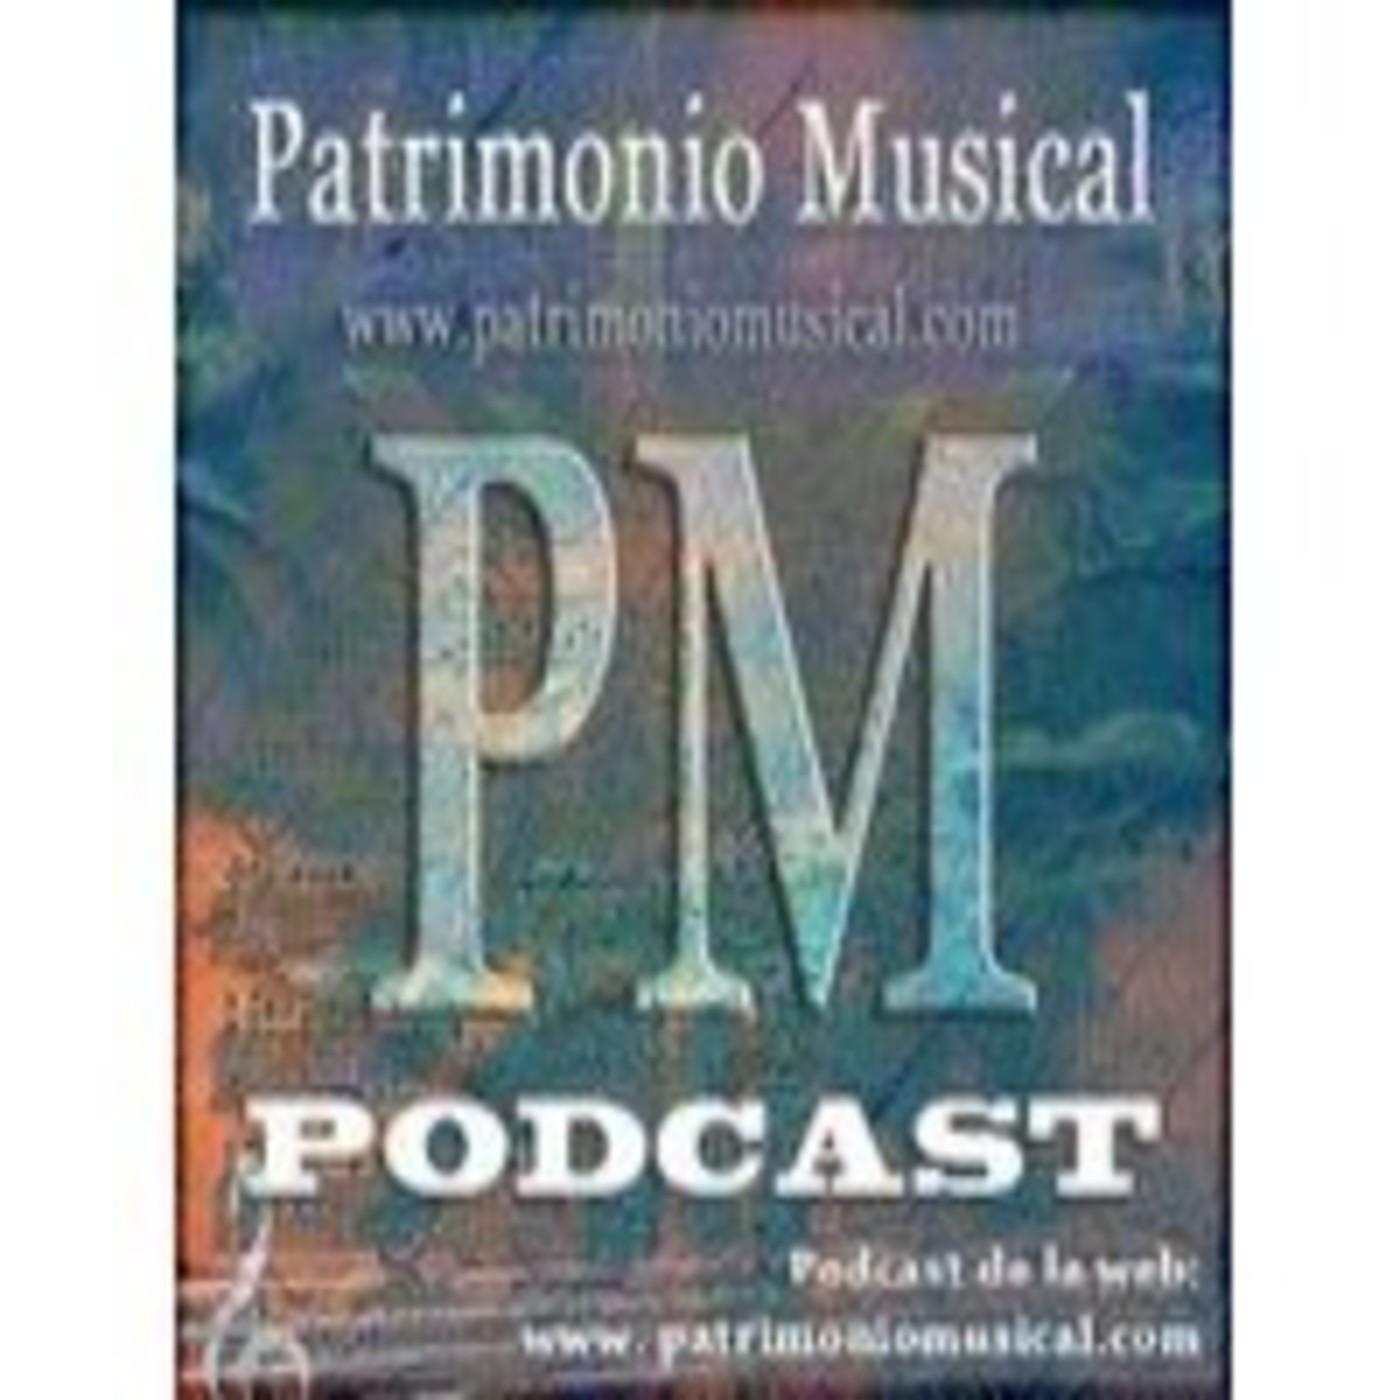 Patrimonio musical 1x08